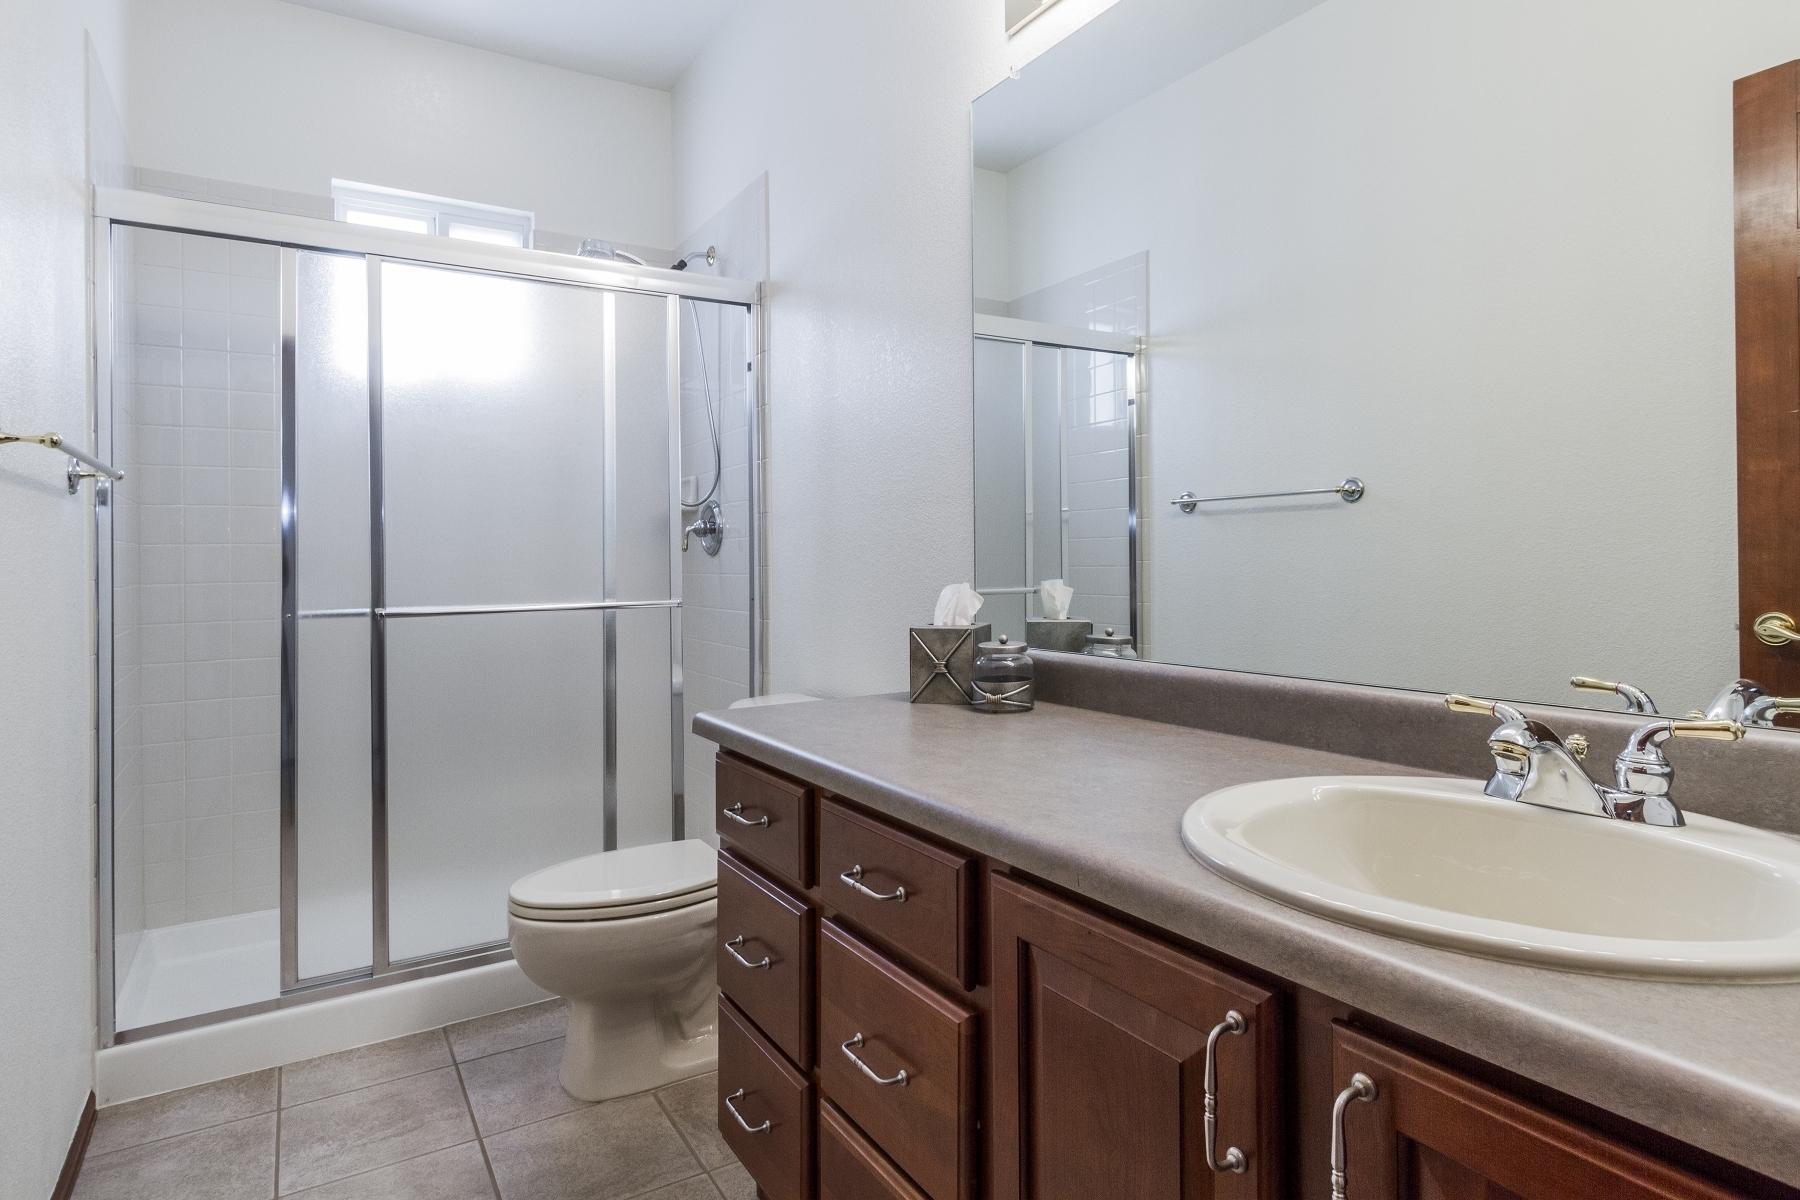 G Bathroom_1800x1200_2762538.jpg